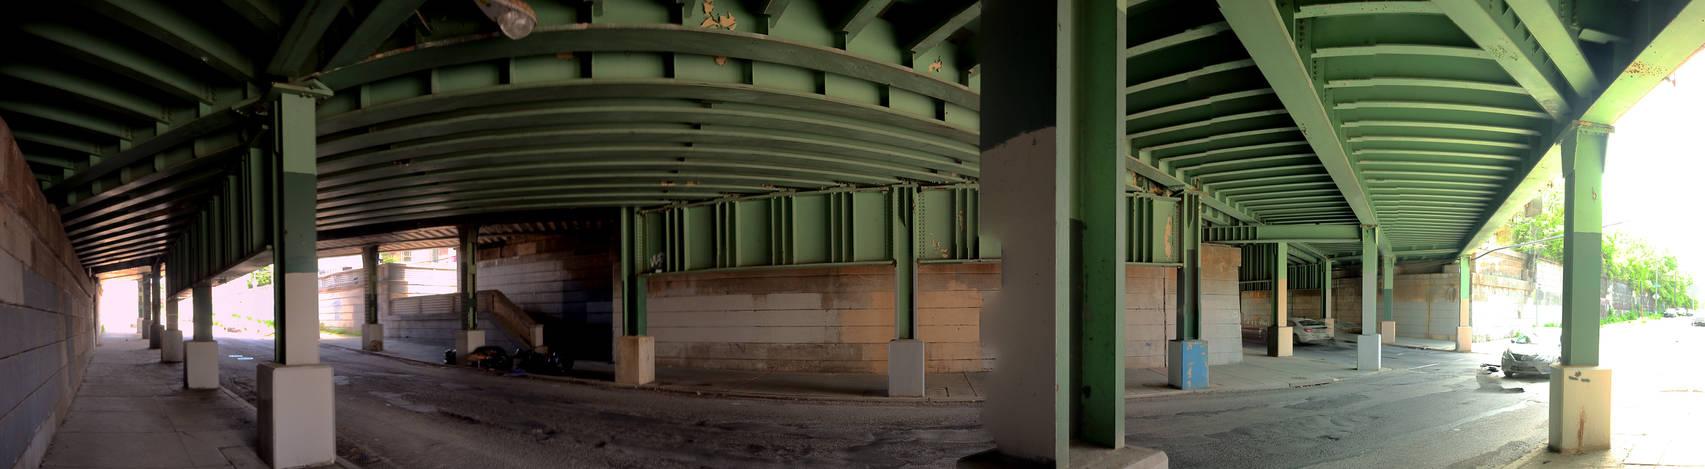 Panorama 4066 hdr pregamma 1 mantiuk08 auto lumina